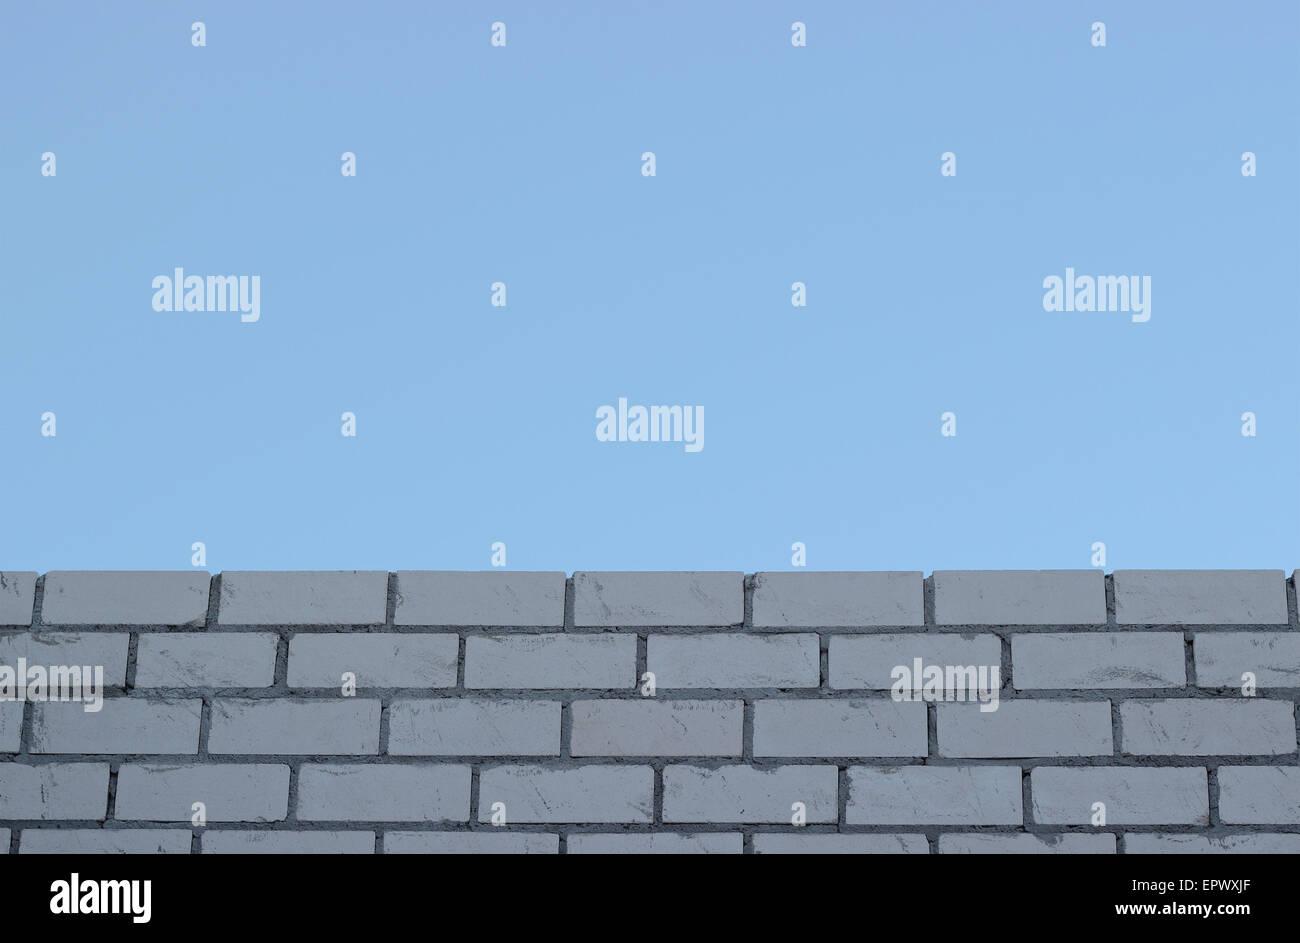 Textur der weiße Ziegel Wand die blauen Himmel Hintergründe Stockbild